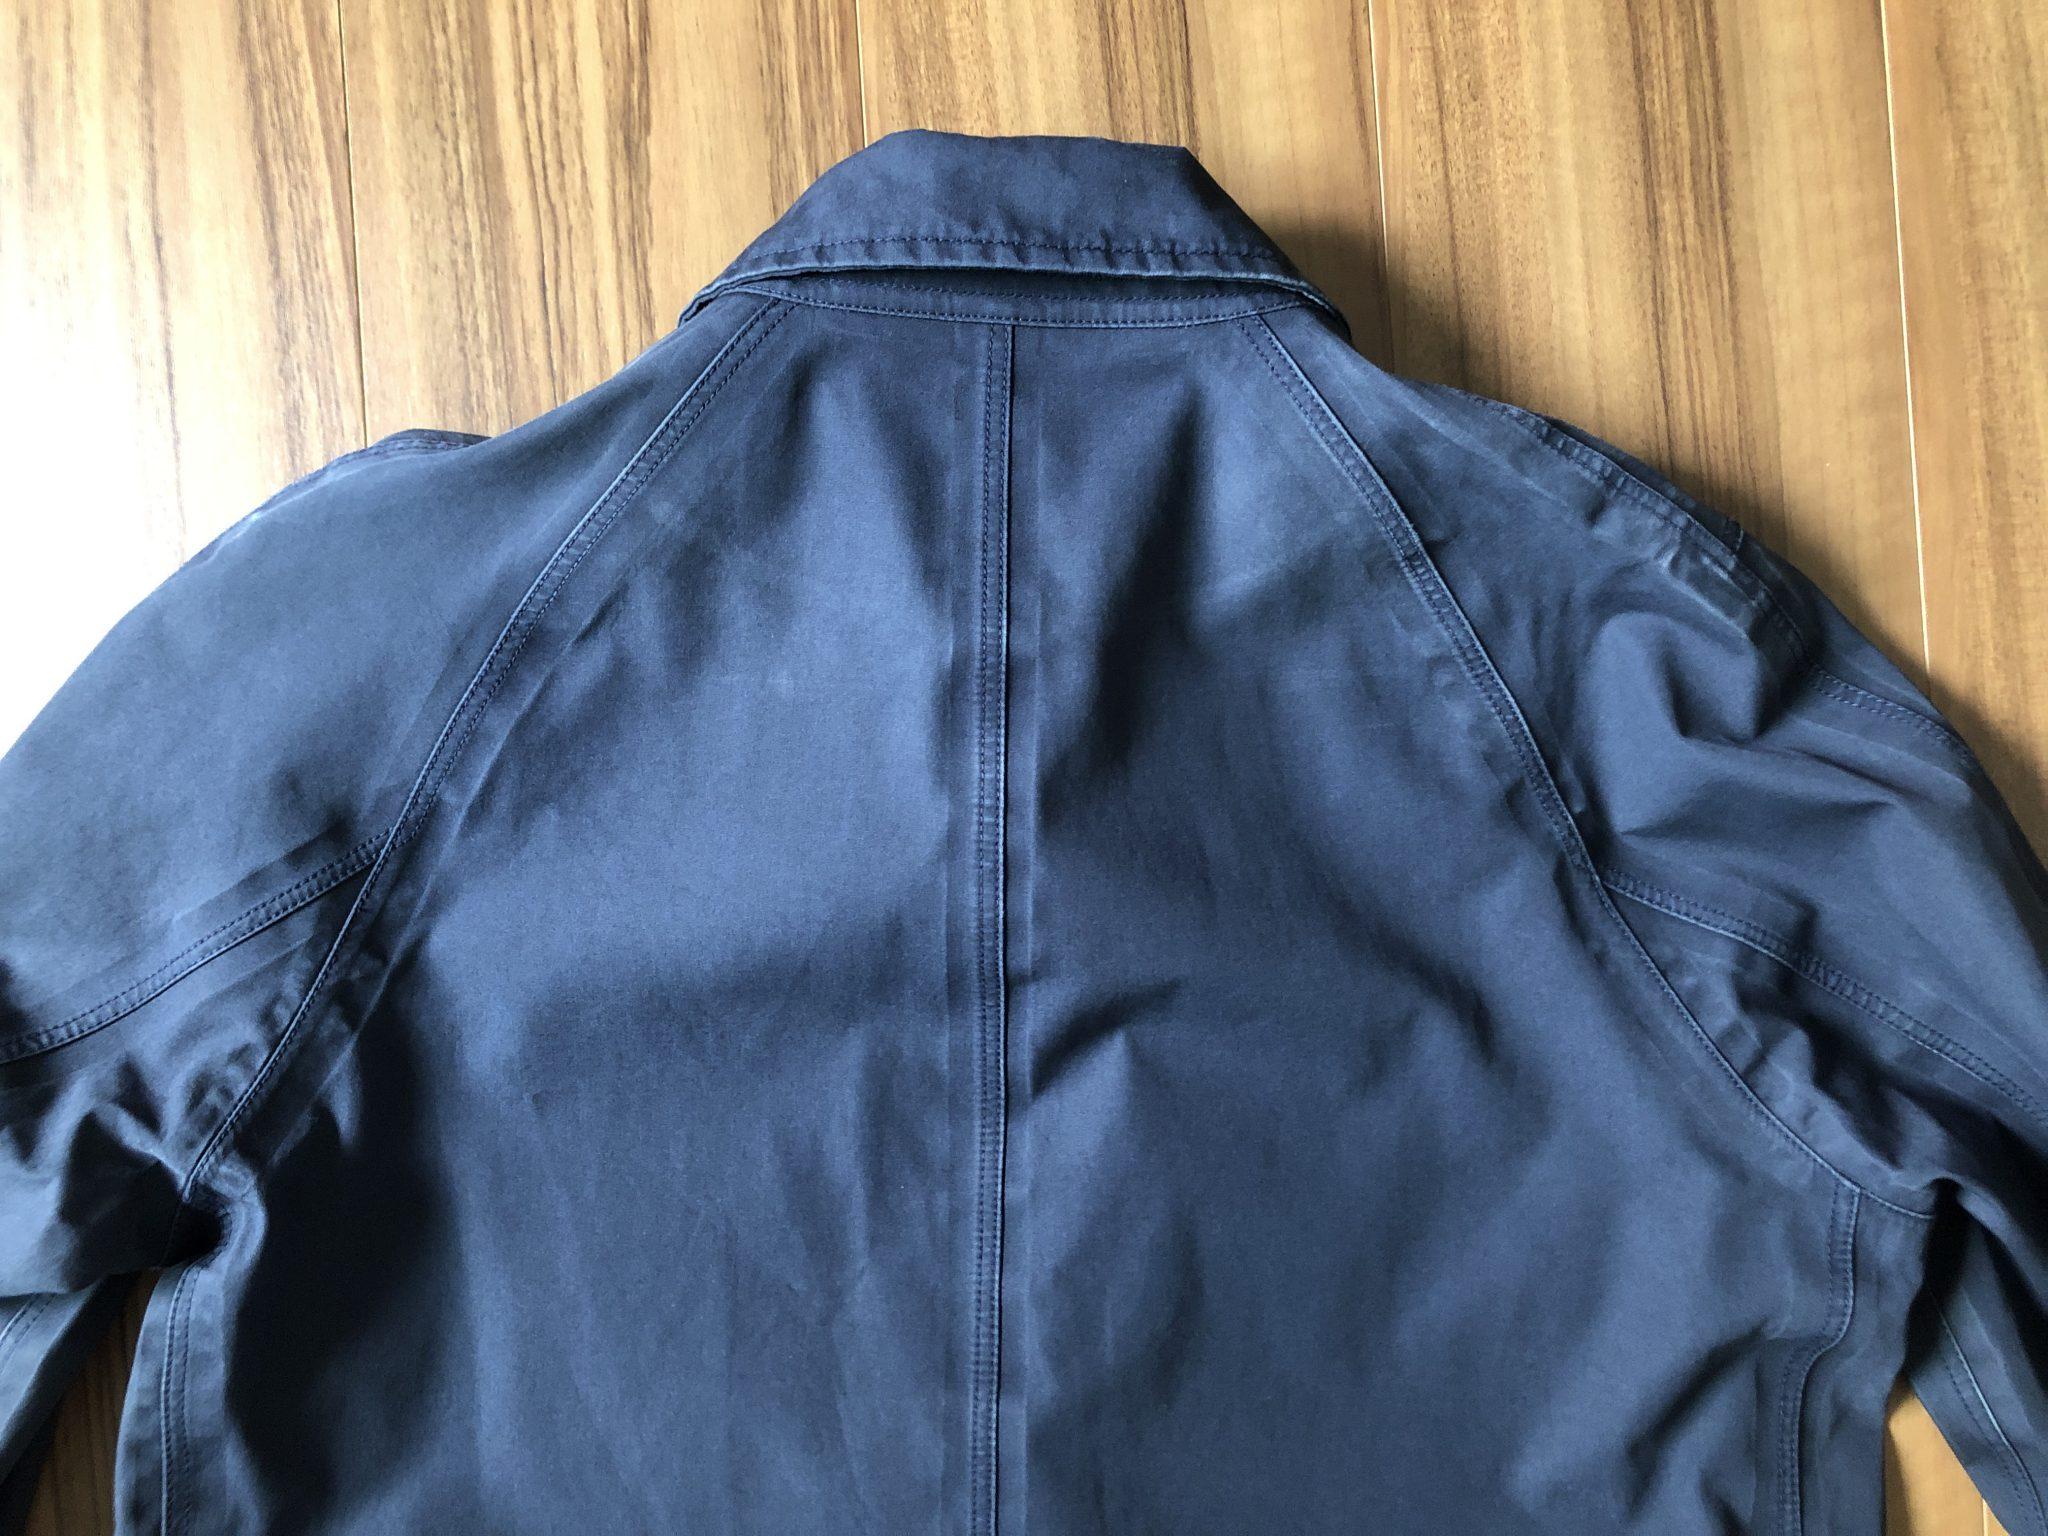 ナナミカ コットンゴアテックス nanamica GORE-TEX クルーザージャケット エイジング 経年変化 ステンカラーコート ネイビー 2年 背中